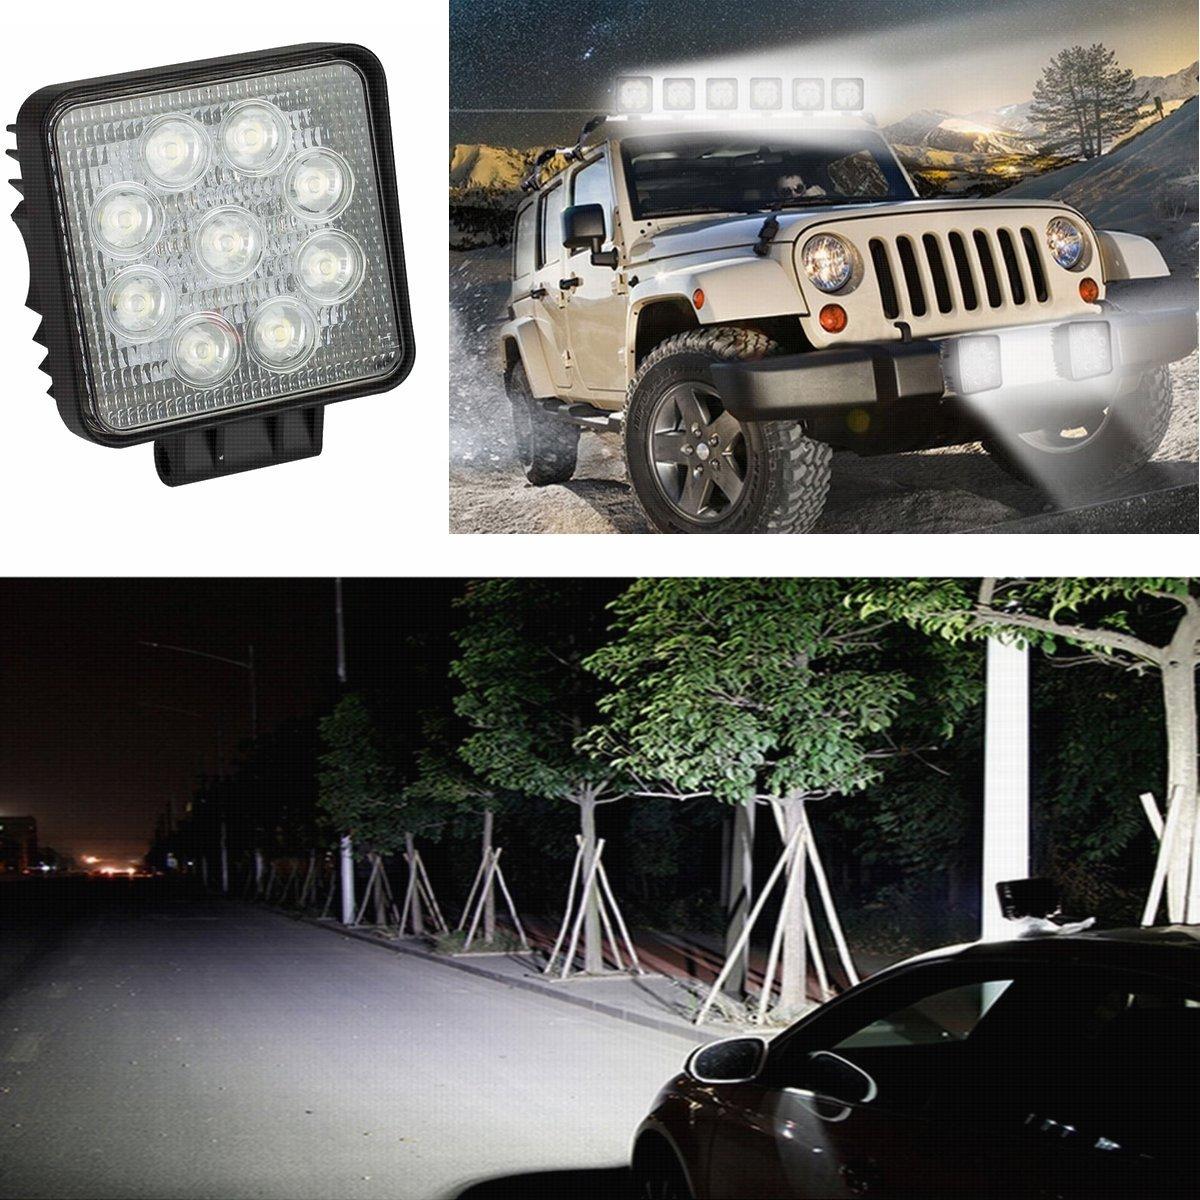 Fari per fuoristrada Faro anteriore,IP67 Impermeabile 12V 24V Luce retromarcia 8 * 27 W, rotondo Trattore per auto SUV ATV UTV SAILUN 8X27W LED Faro da lavoro